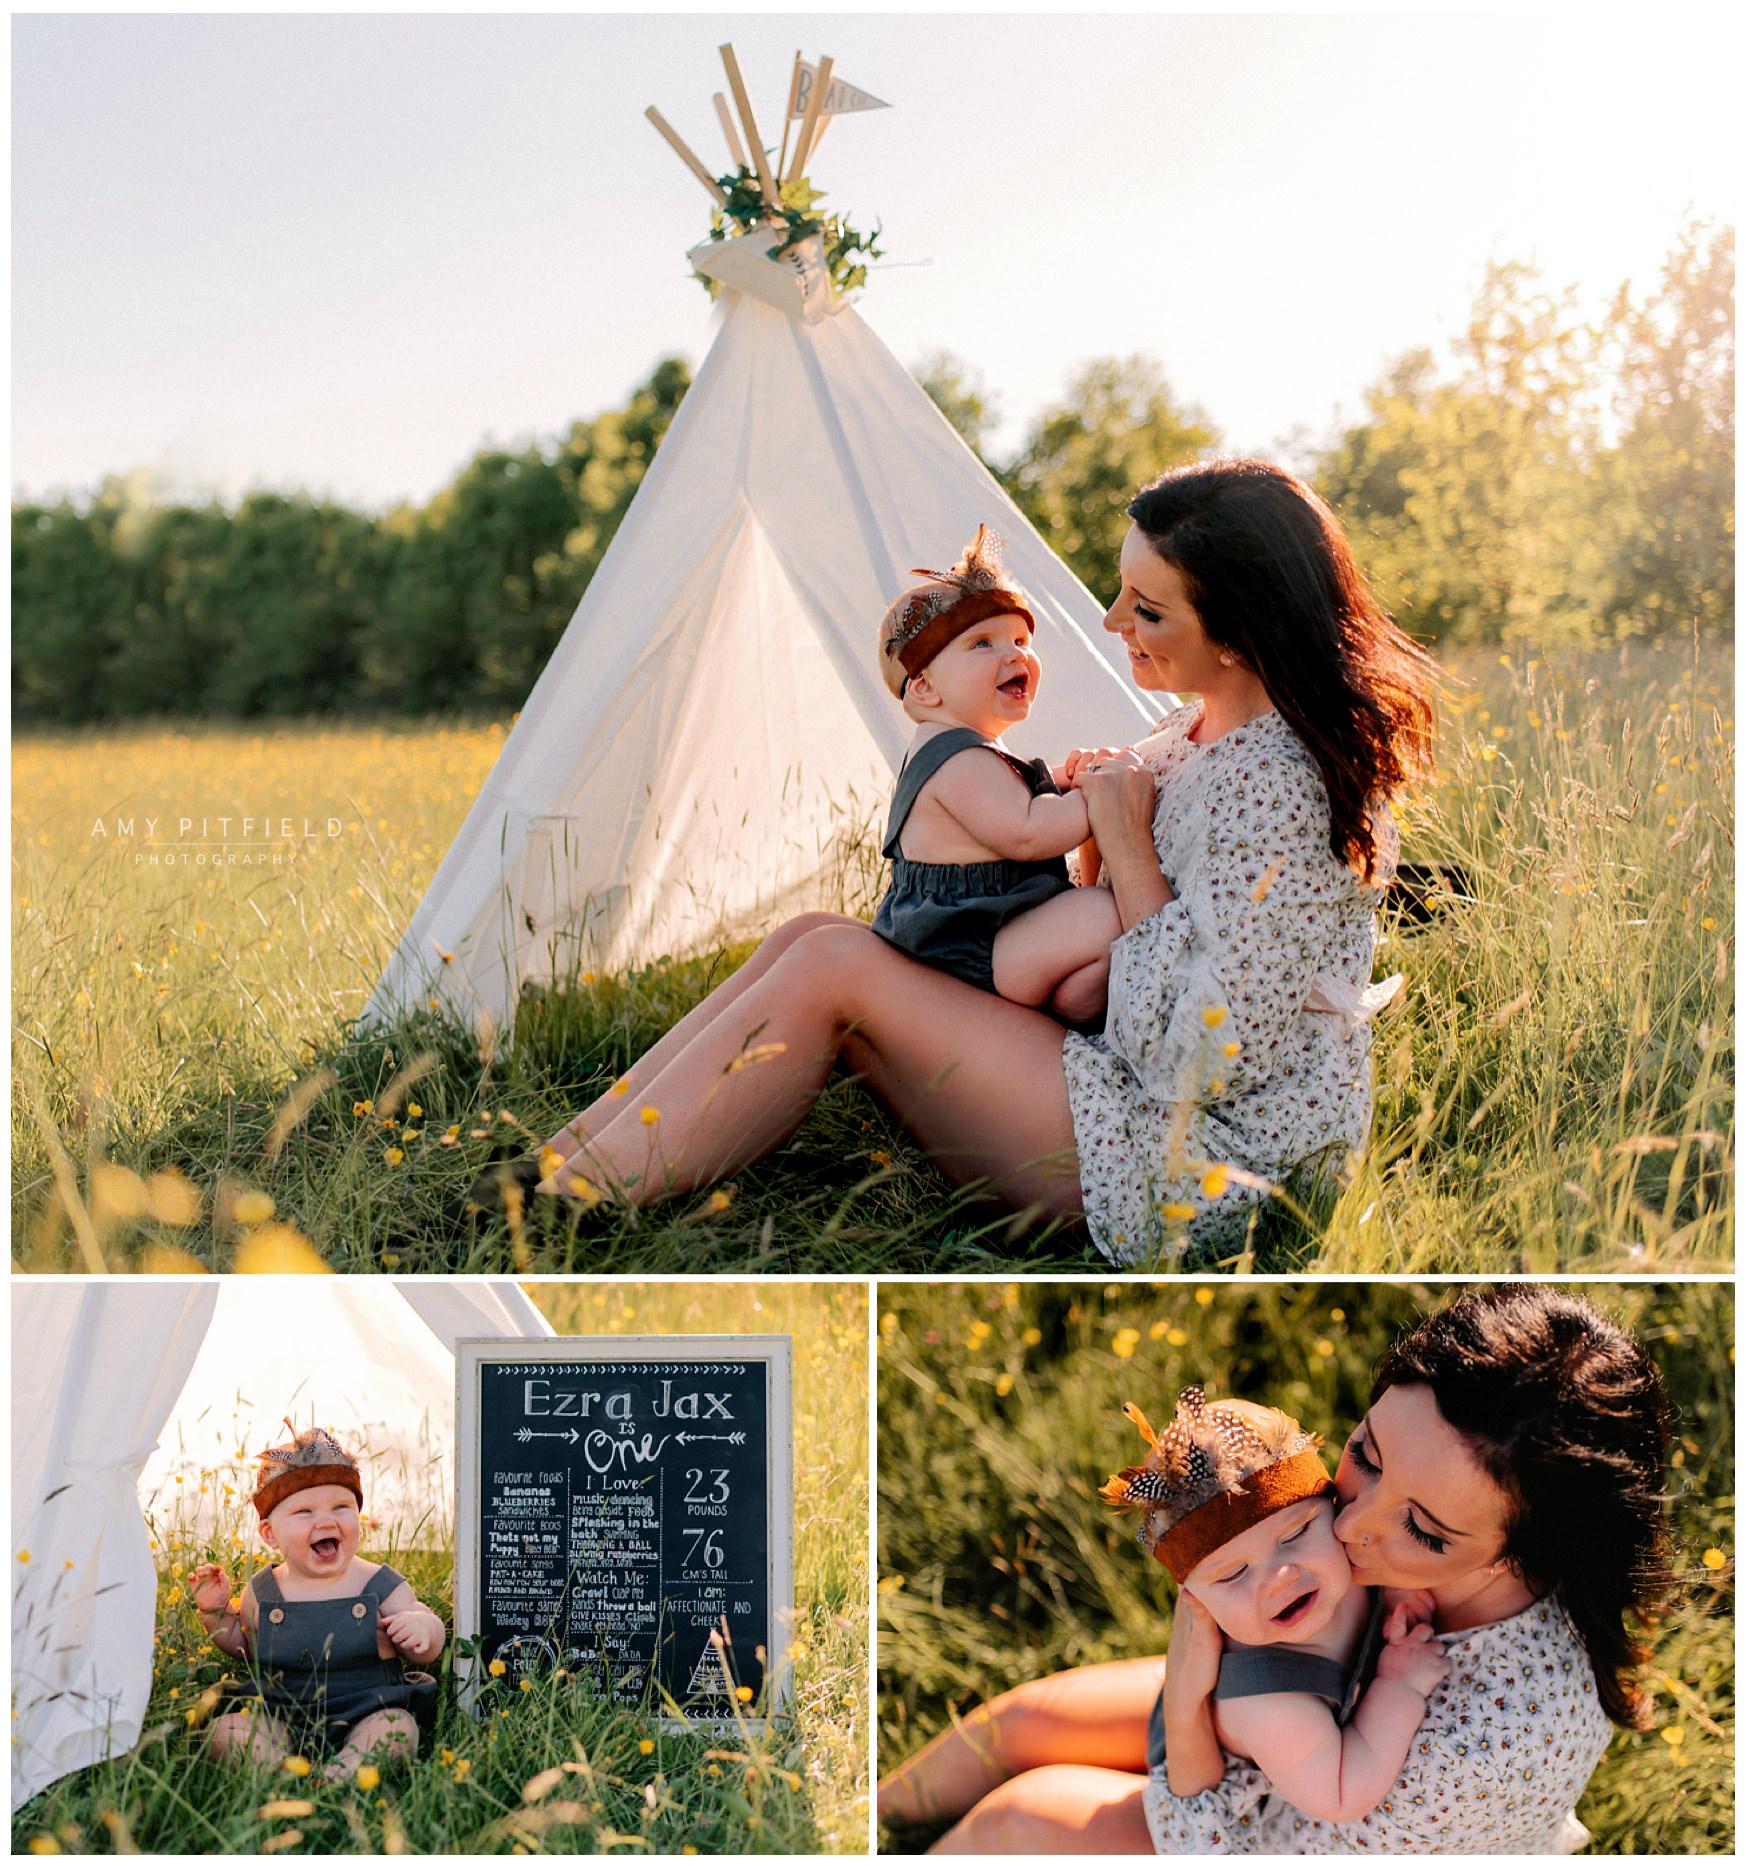 Image: derbyshire children photographer